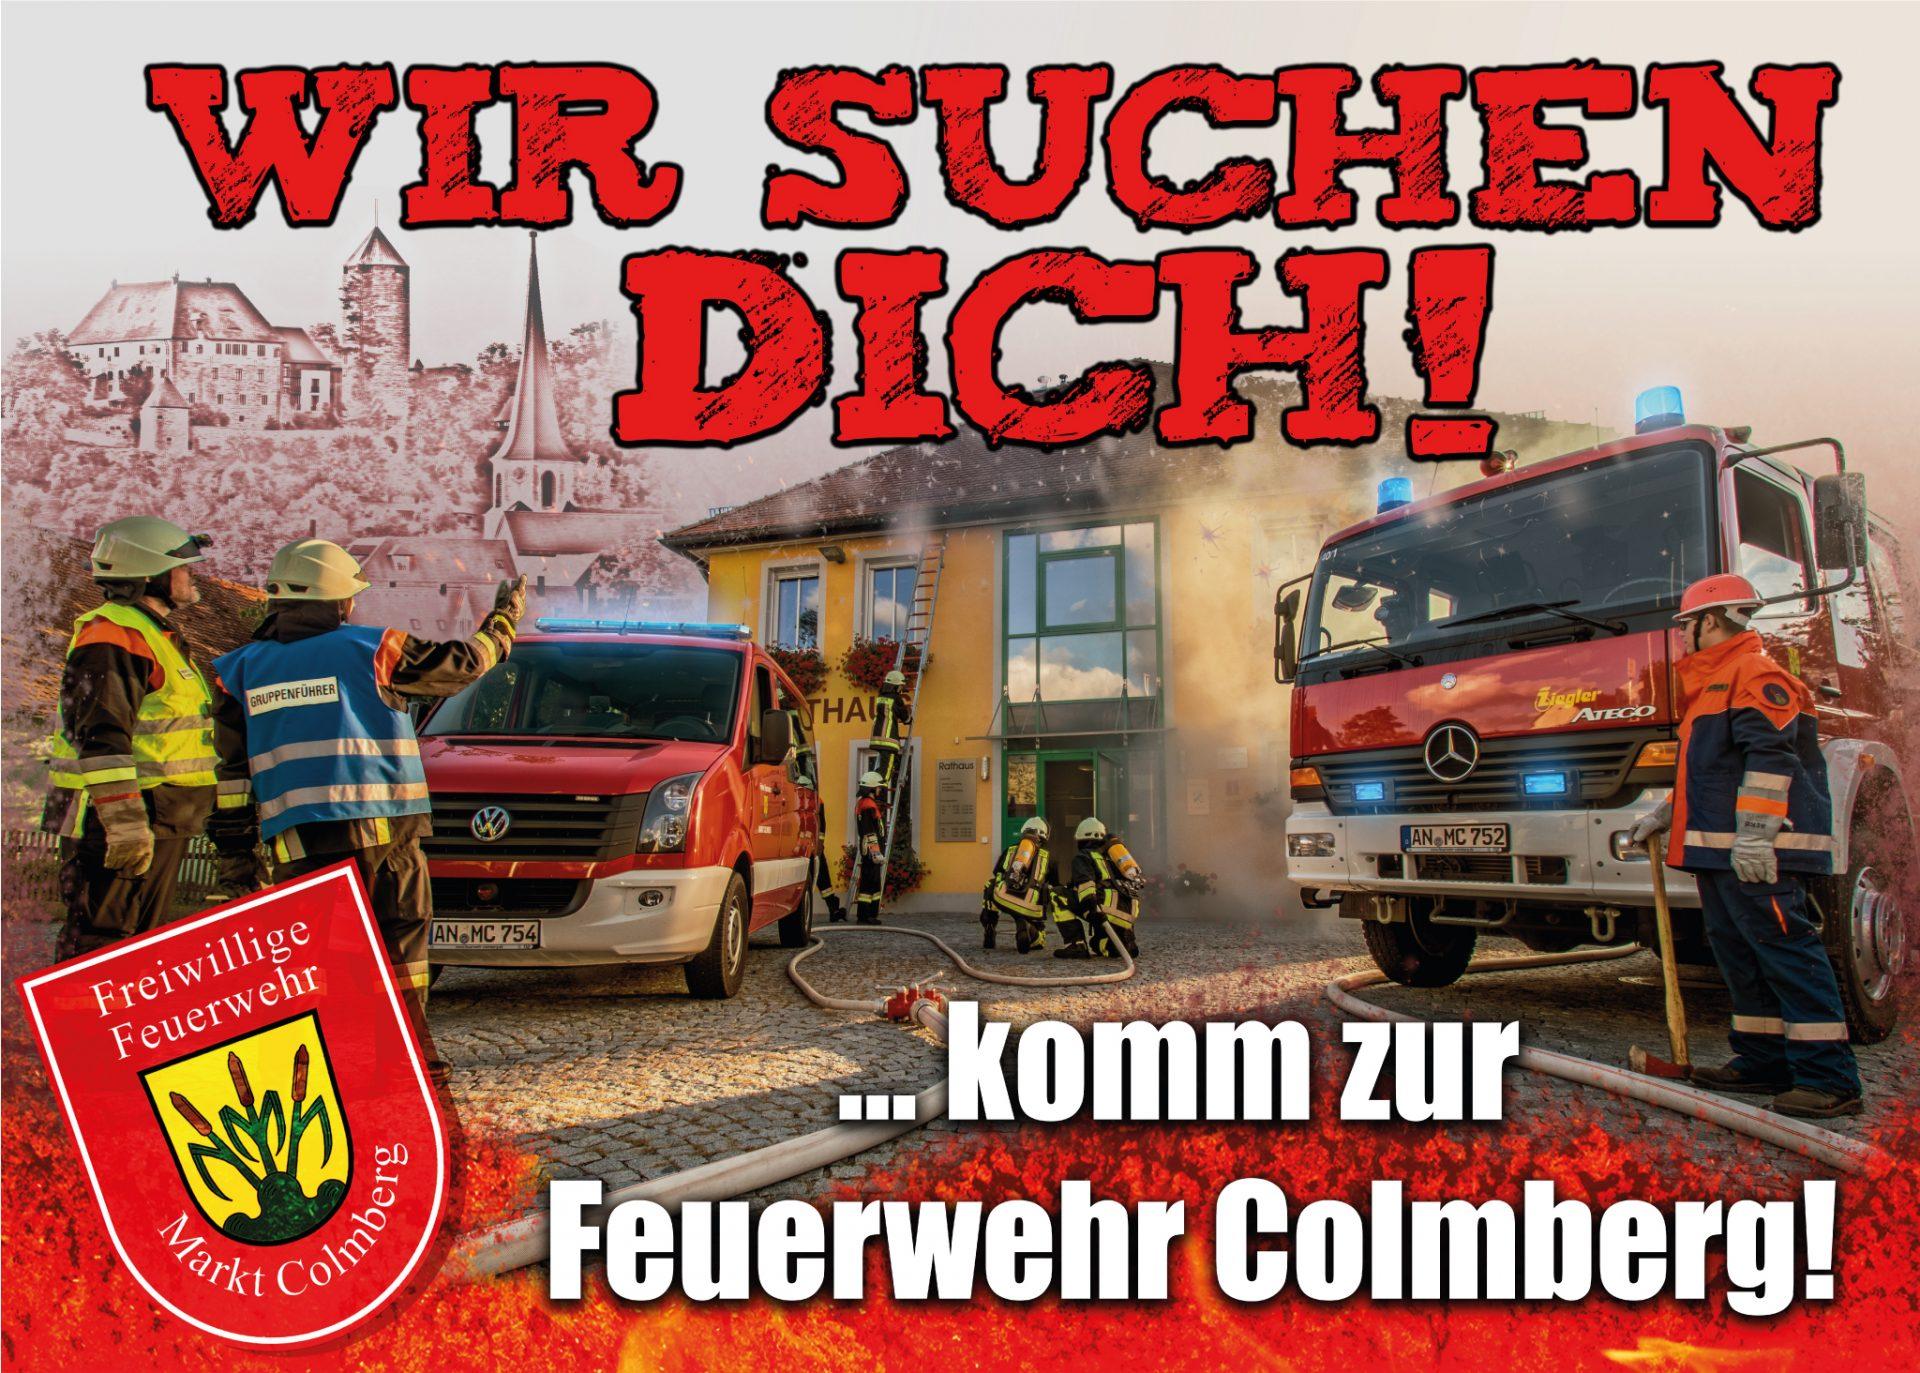 Werbeplane für Feuerwehr